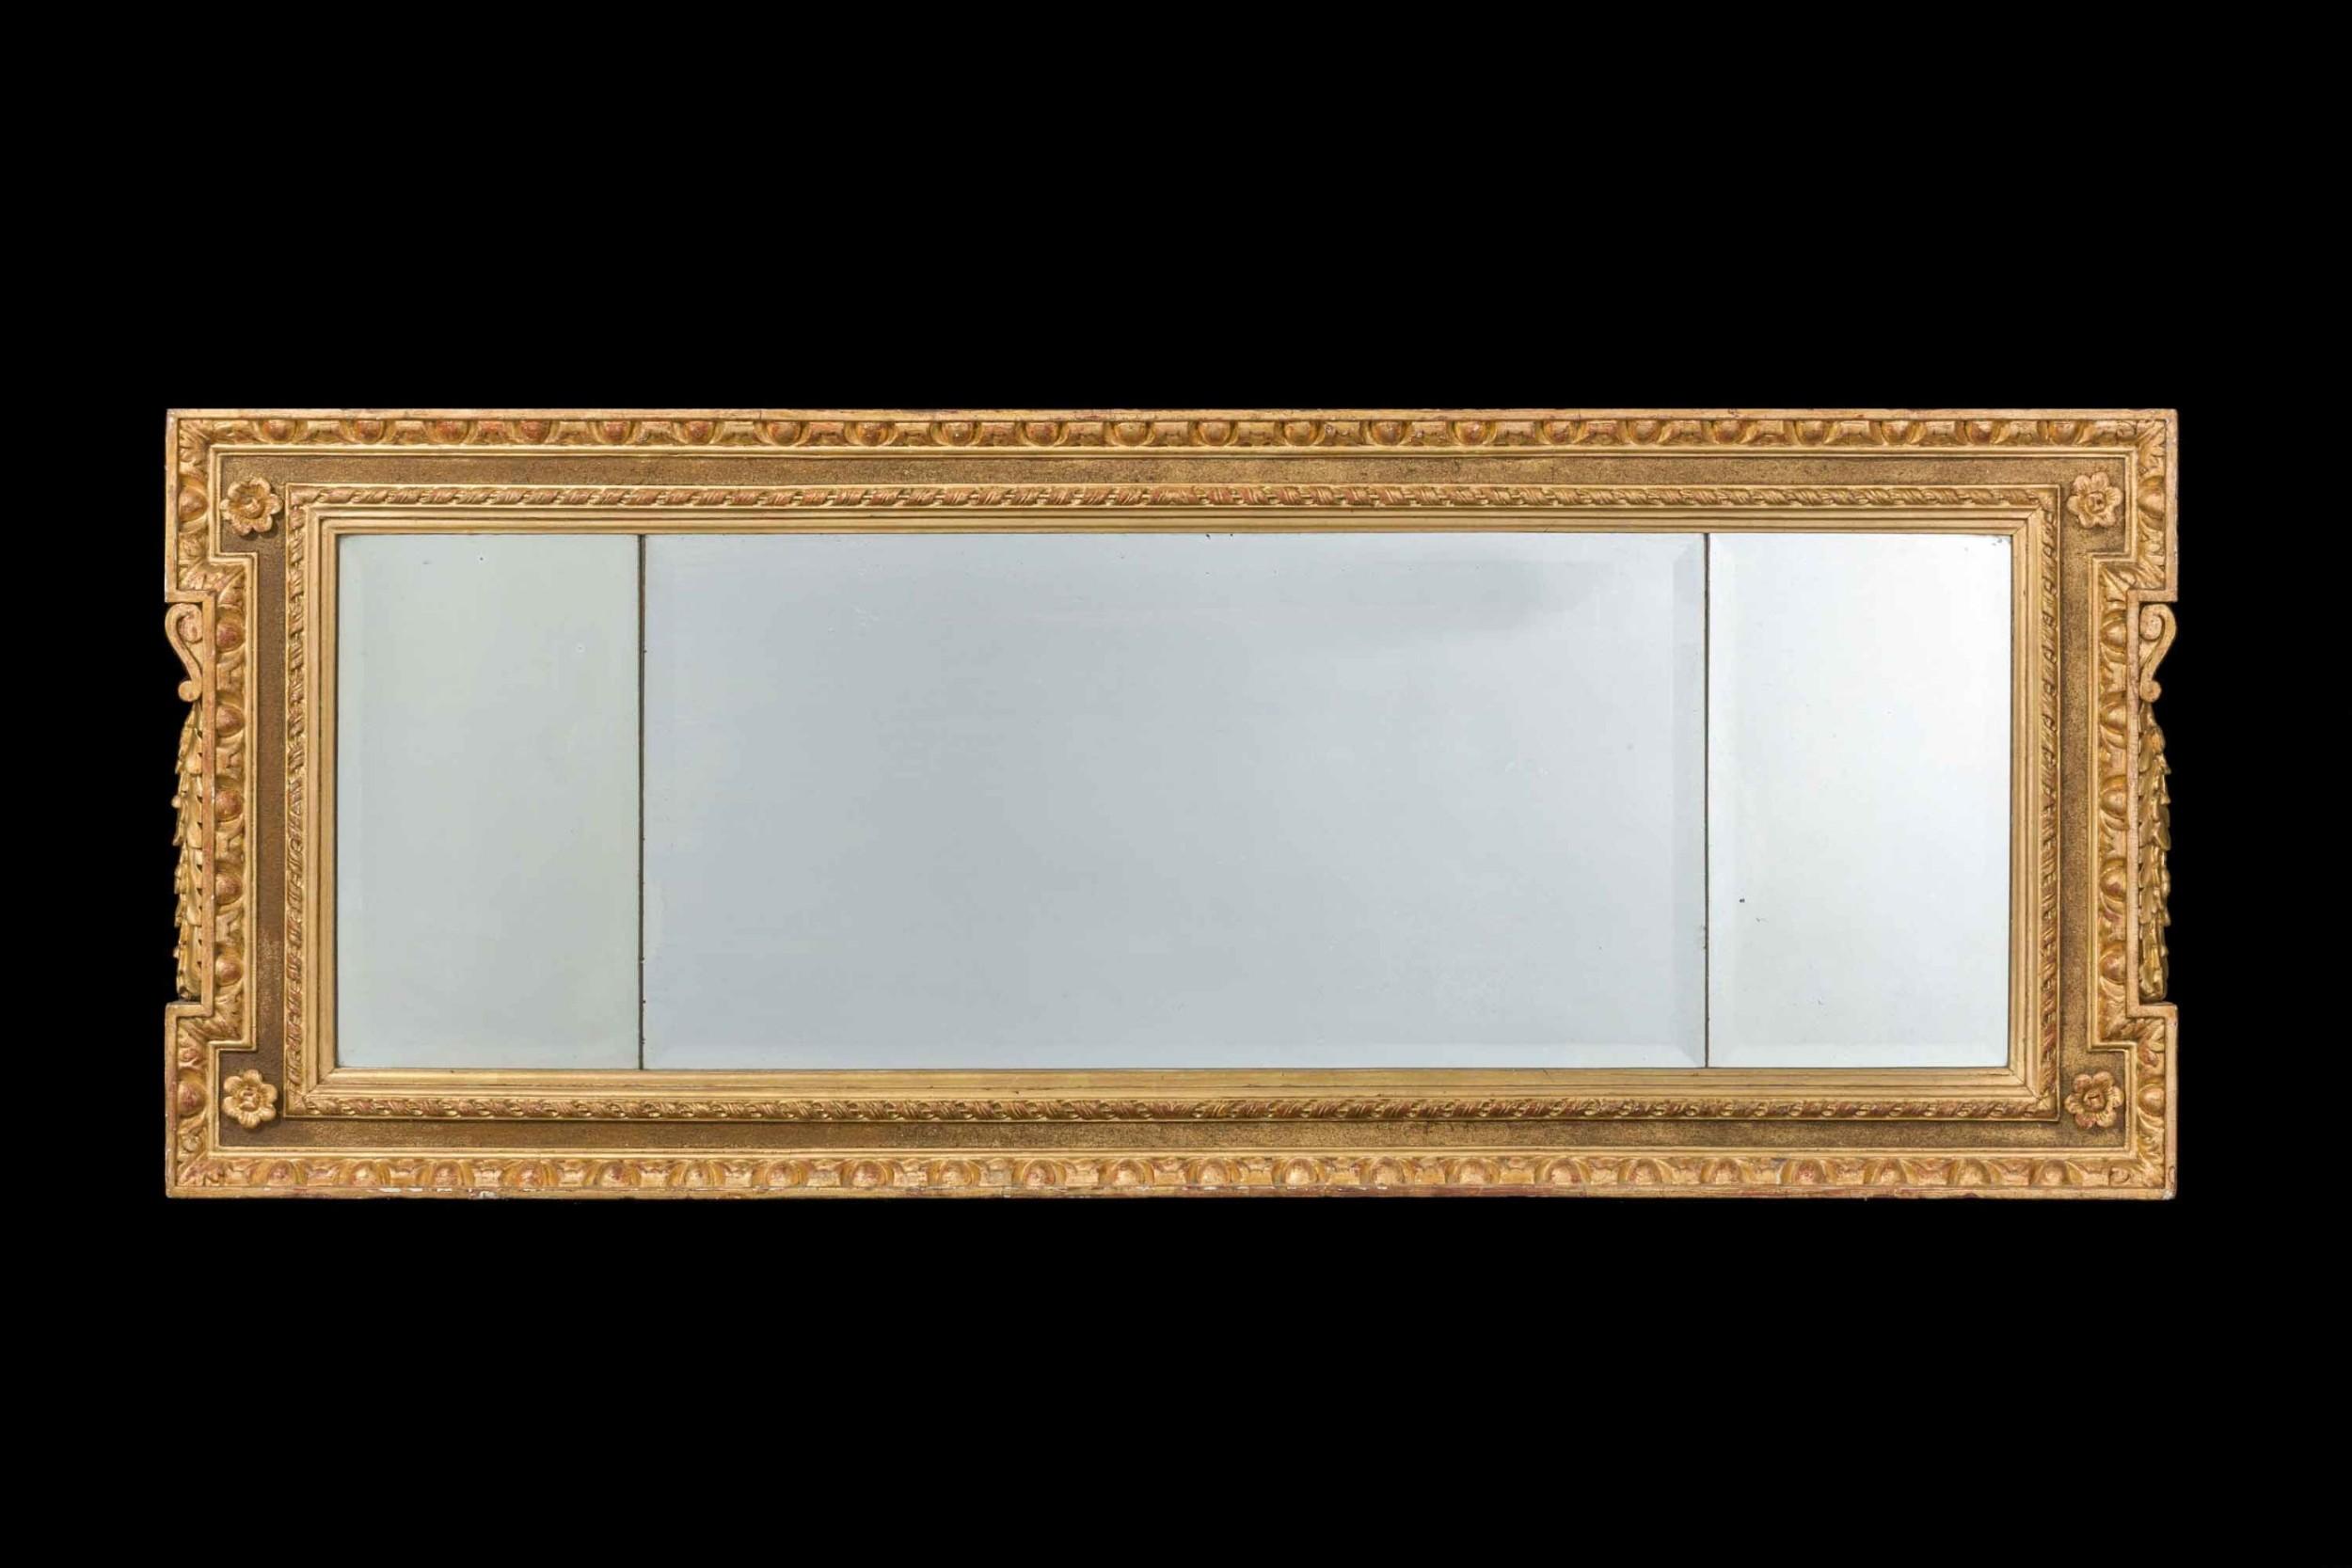 18th century parcel gilt landscape mirror